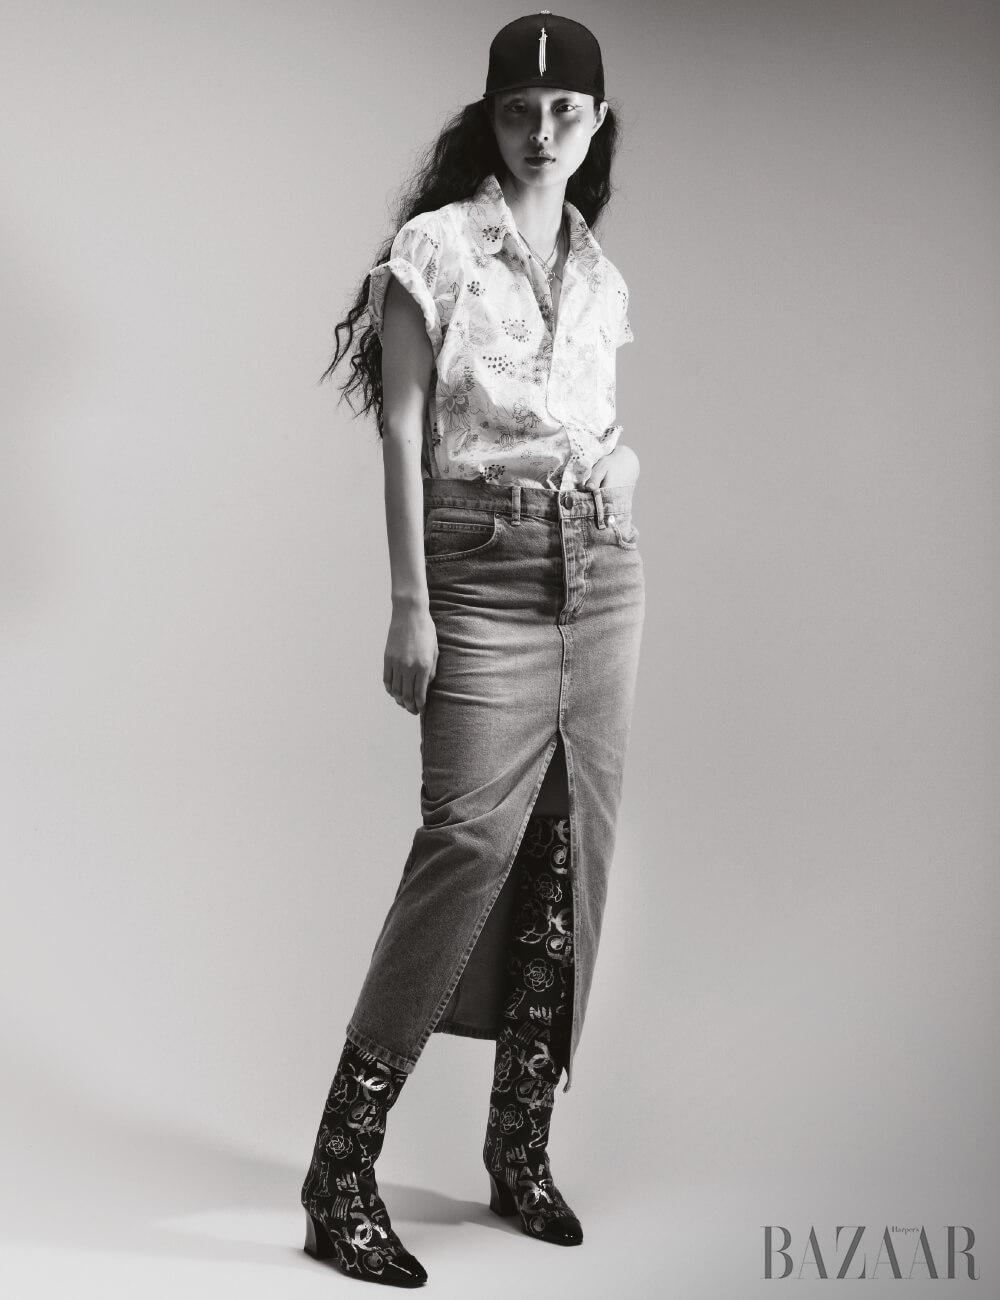 빈티지 셔츠는 DongmyoFlea Market, 데님 스커트는 17만원 Raey by matchesfashion.com, 모자는 Chrome Hearts, 목걸이는 74만원 Givenchy, 부츠는 Chanel.